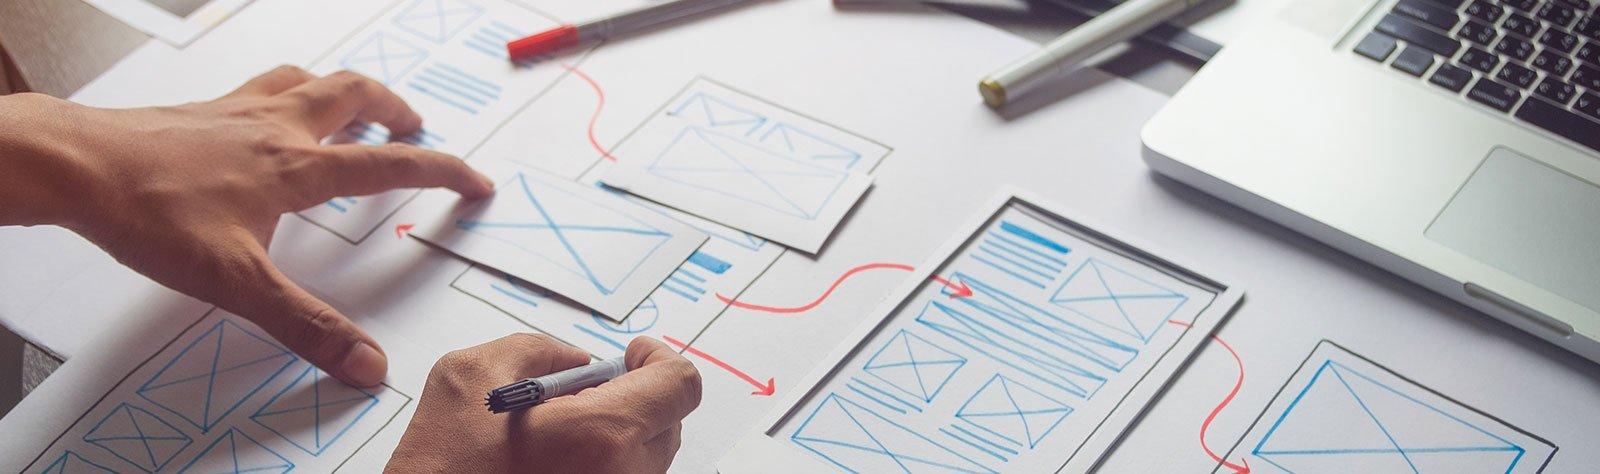 Pessoa desenhando protótipo de aplicativo em papel